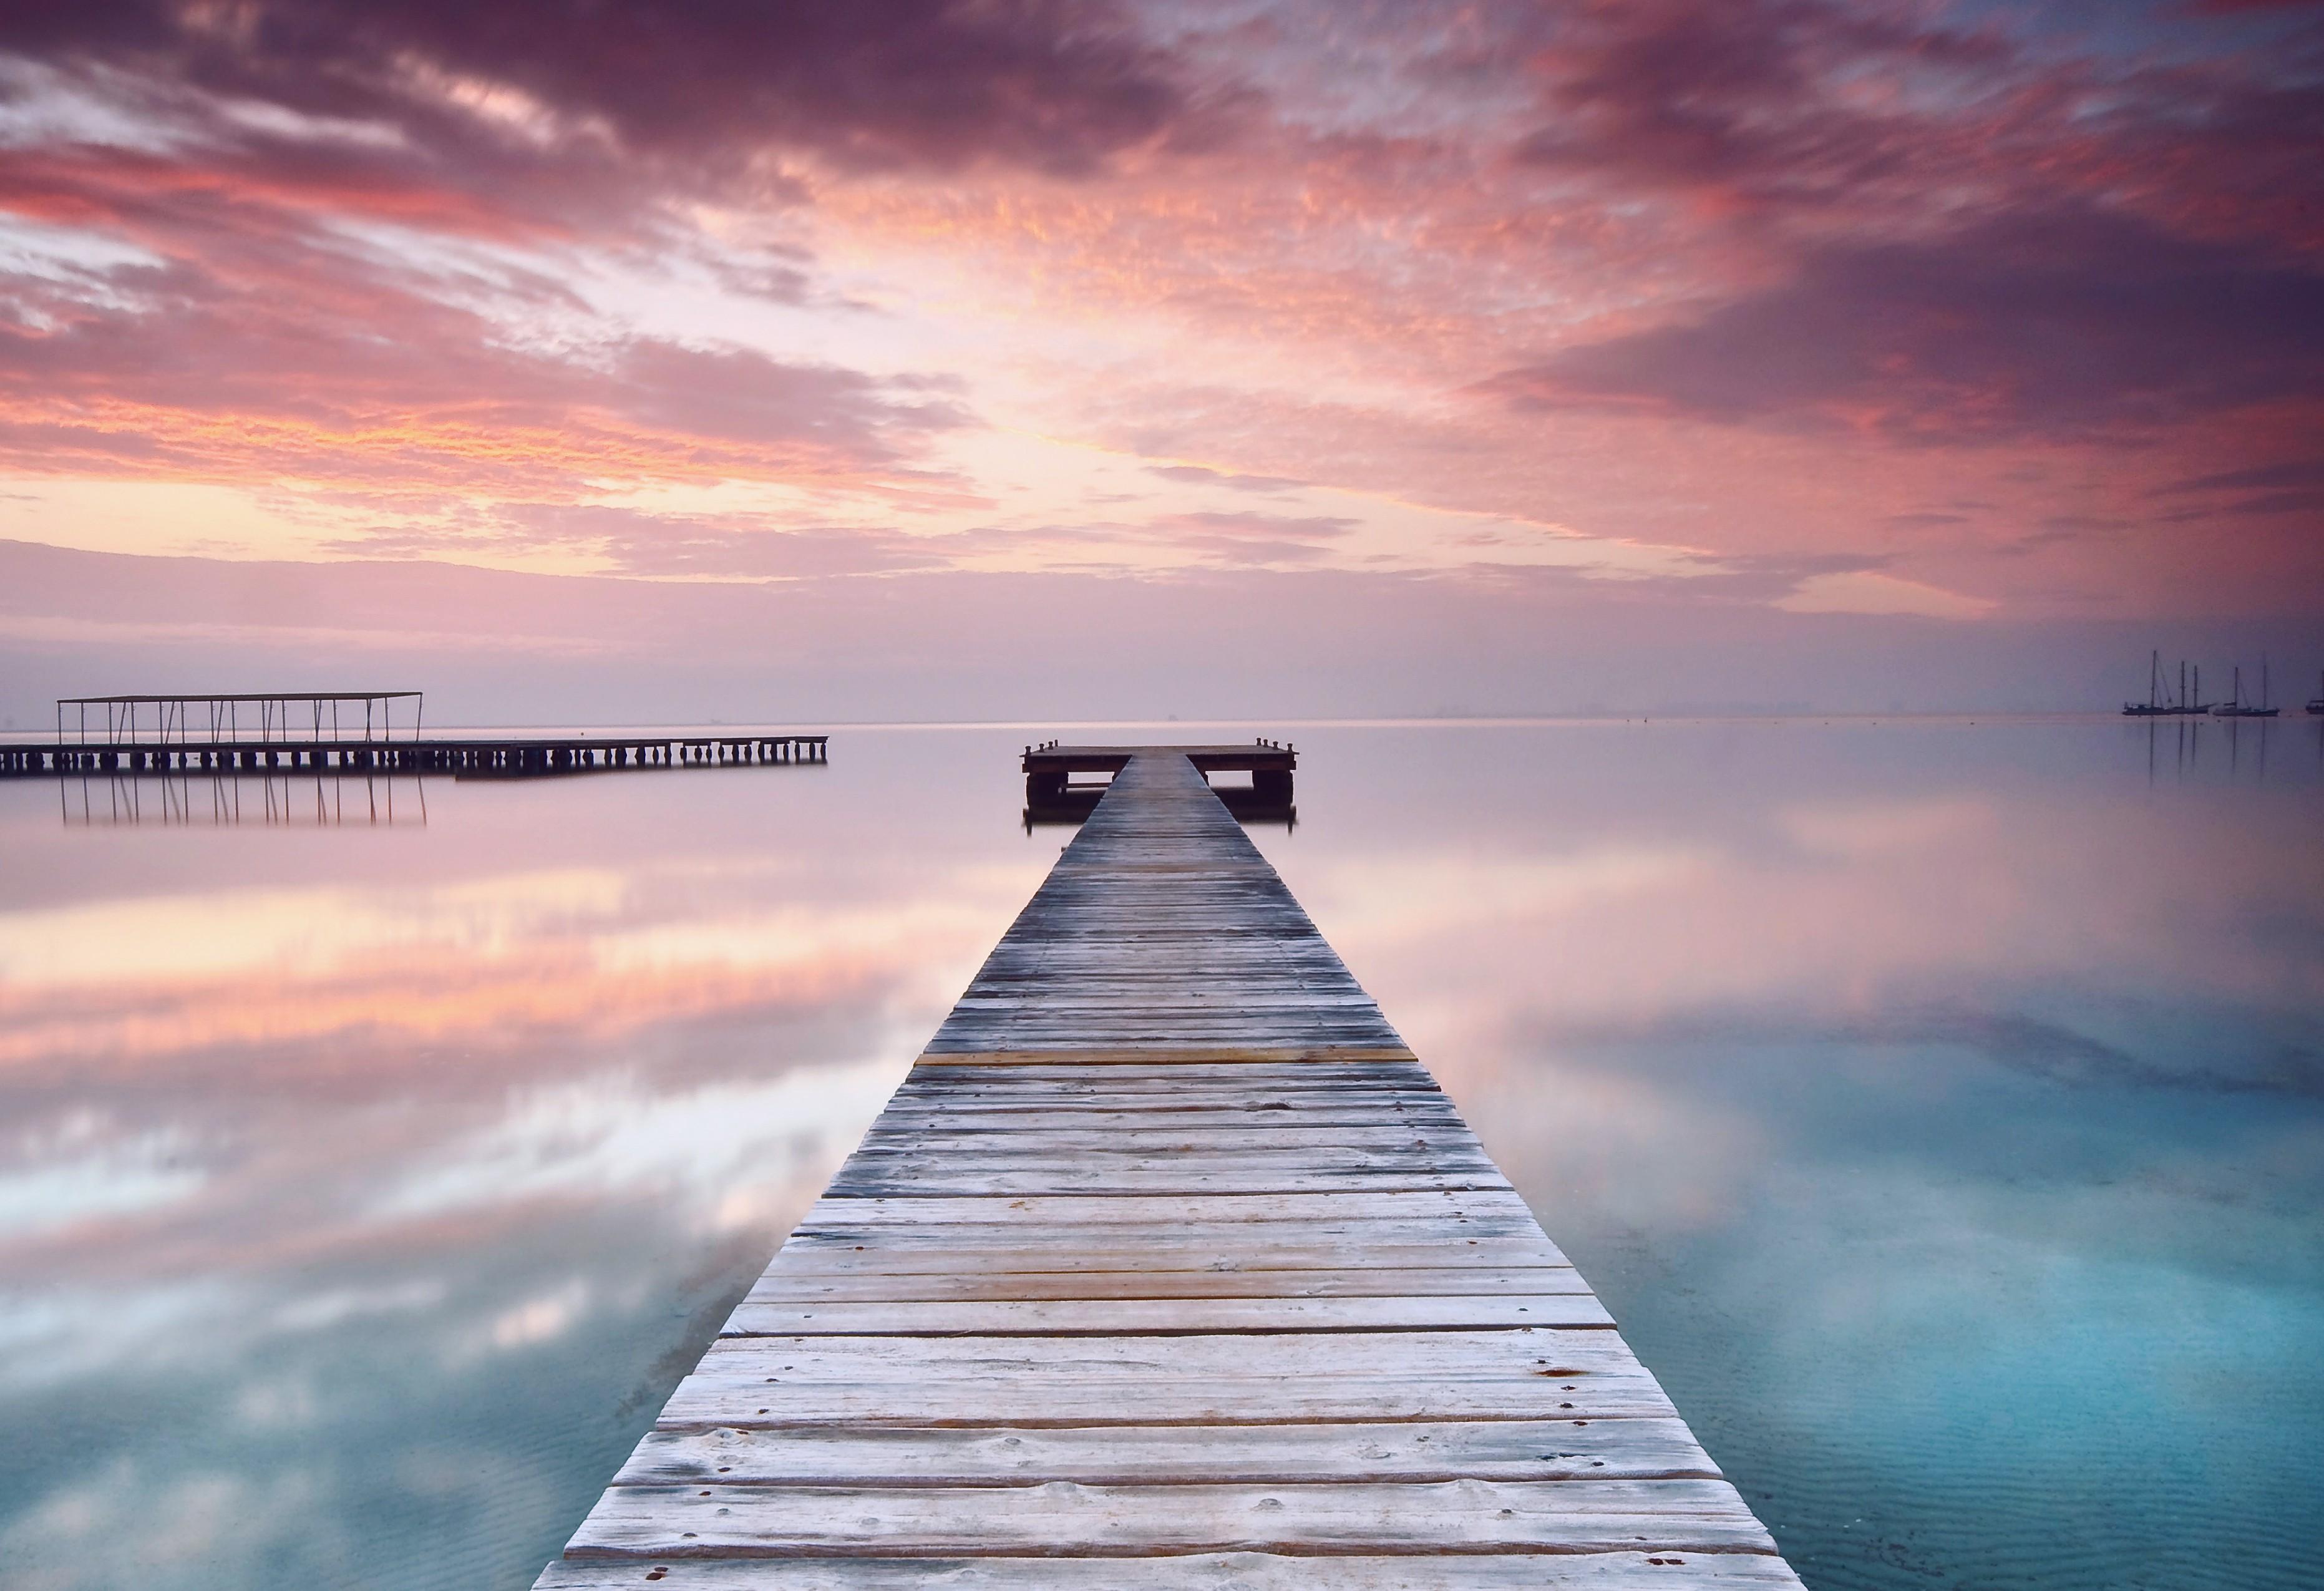 Wallpaper spain 5k 4k wallpaper pink sky clouds - Fantasy wallpaper bridge ...